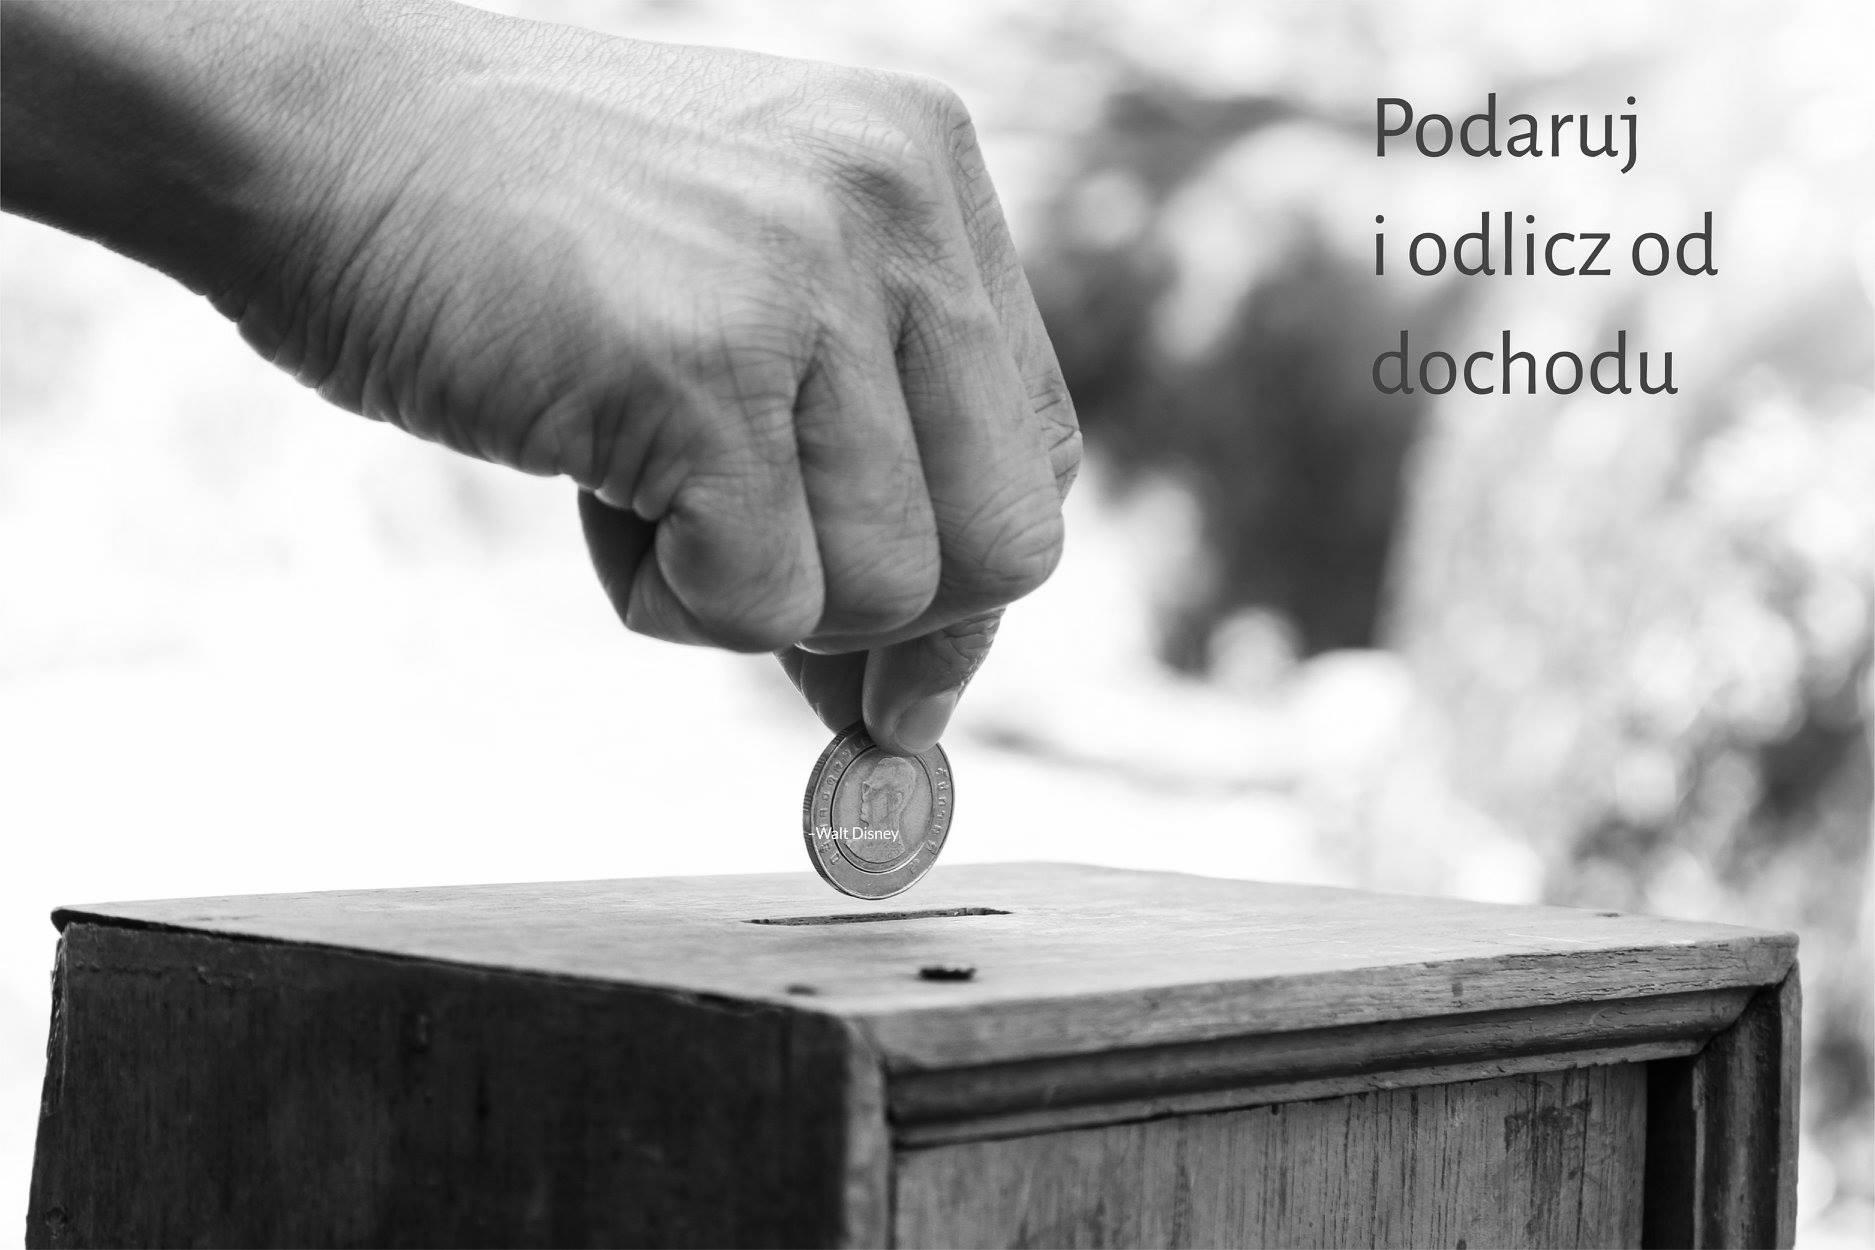 , (Polski) Wesprzyj potrzebujących – wpłać darowiznę jeszcze w grudniu – odlicz w rozliczeniu rocznym, płacąc mniejszy podatek.